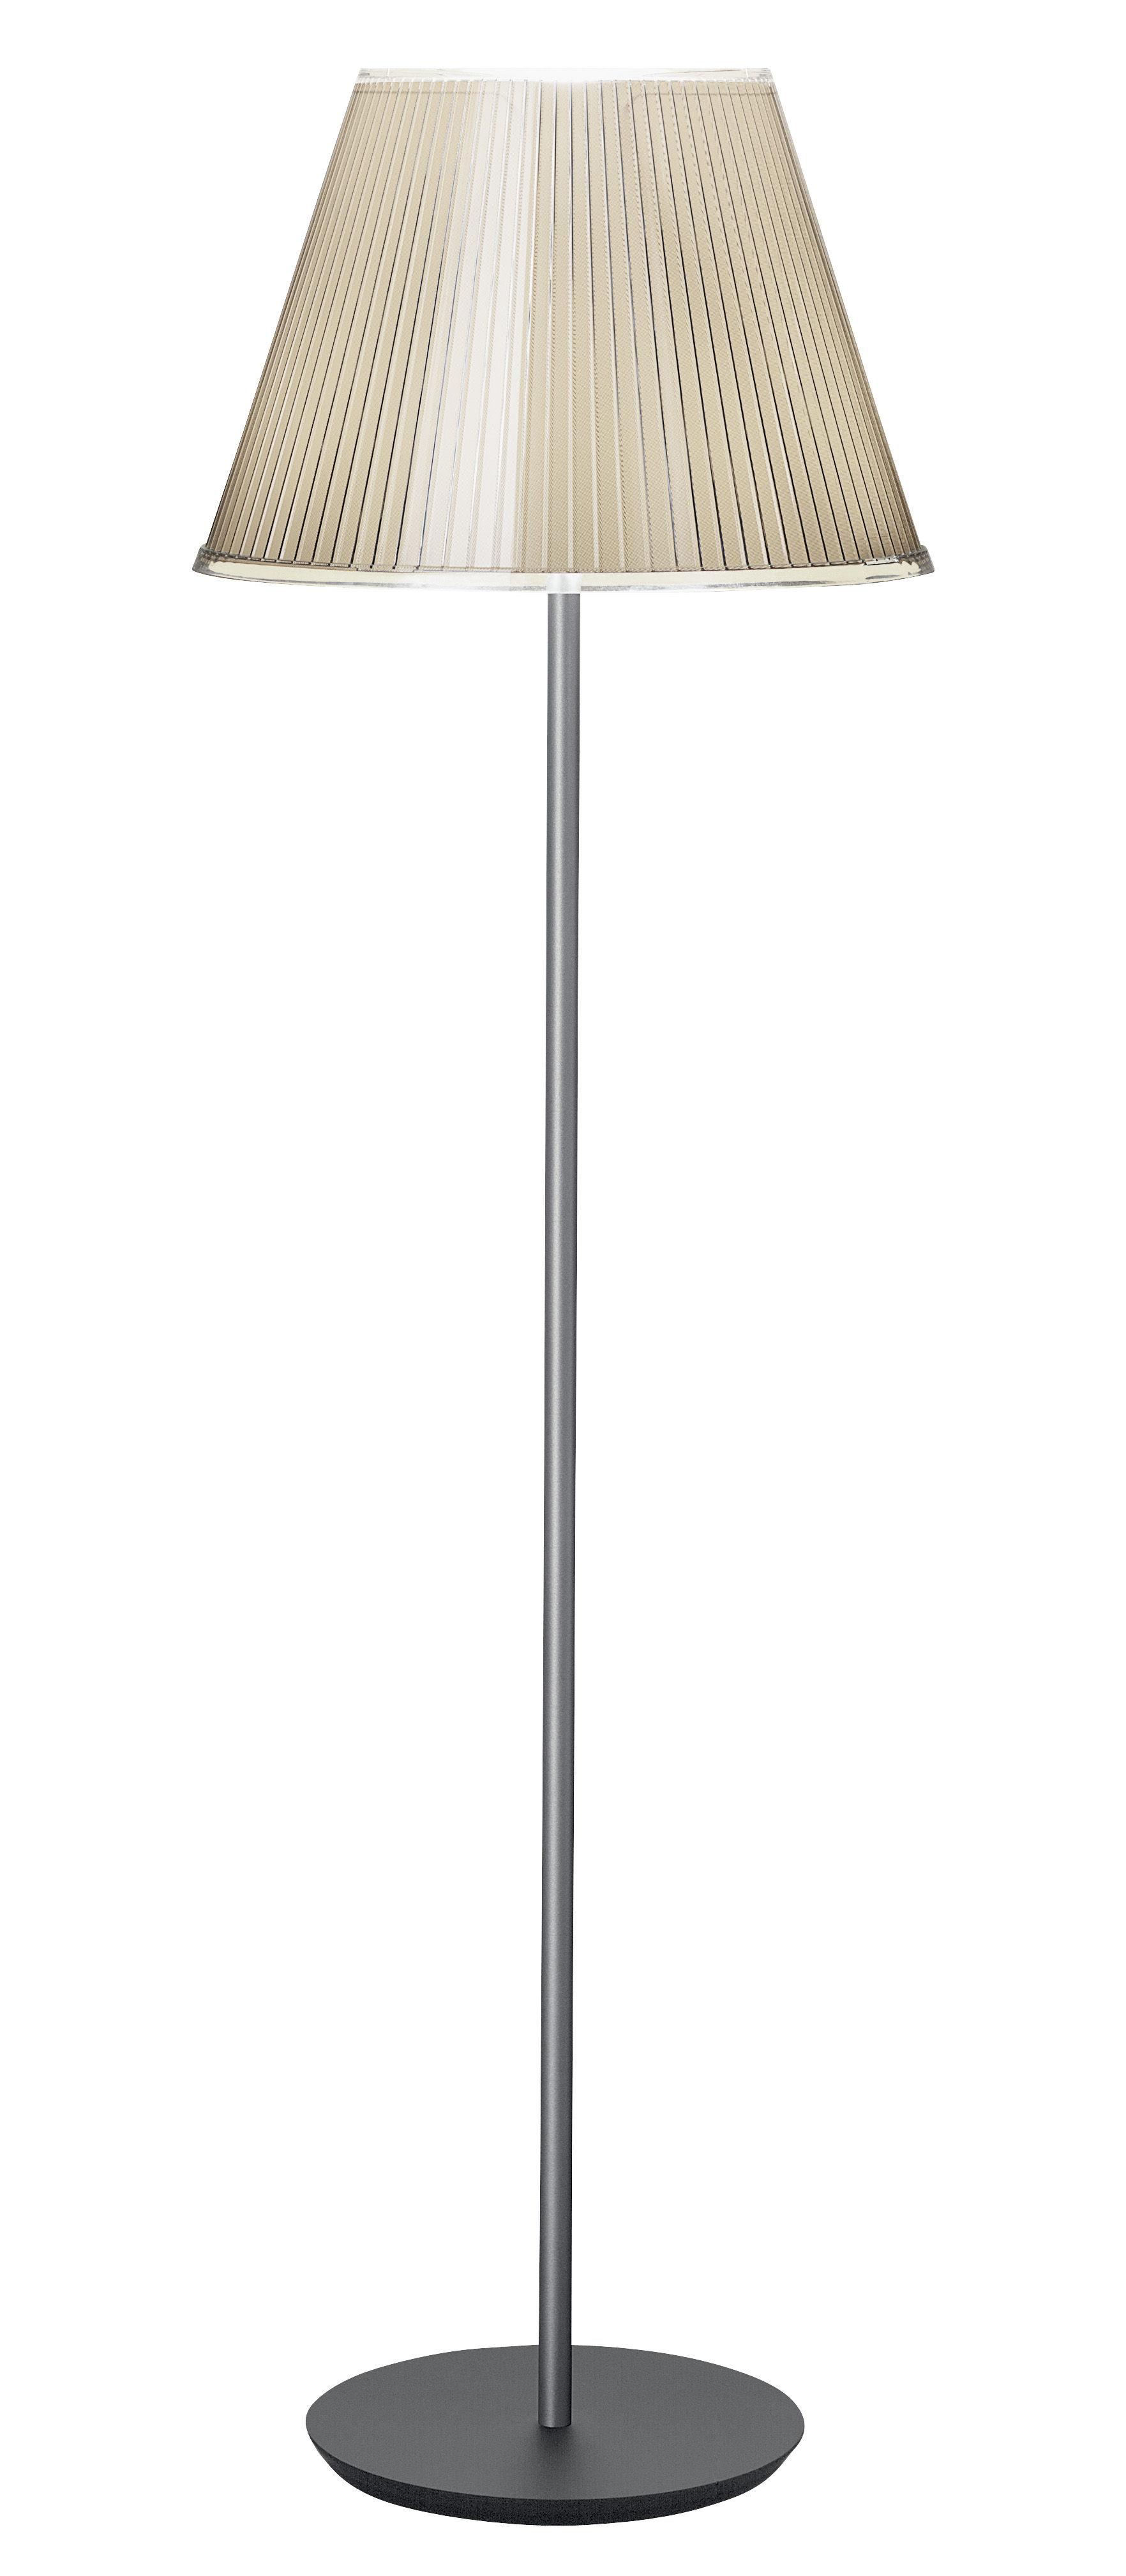 Leuchten - Stehleuchten - Choose Stehleuchte - Artemide - Beige - Glühbirne - Metall, Pergamentpapier, Polykarbonat